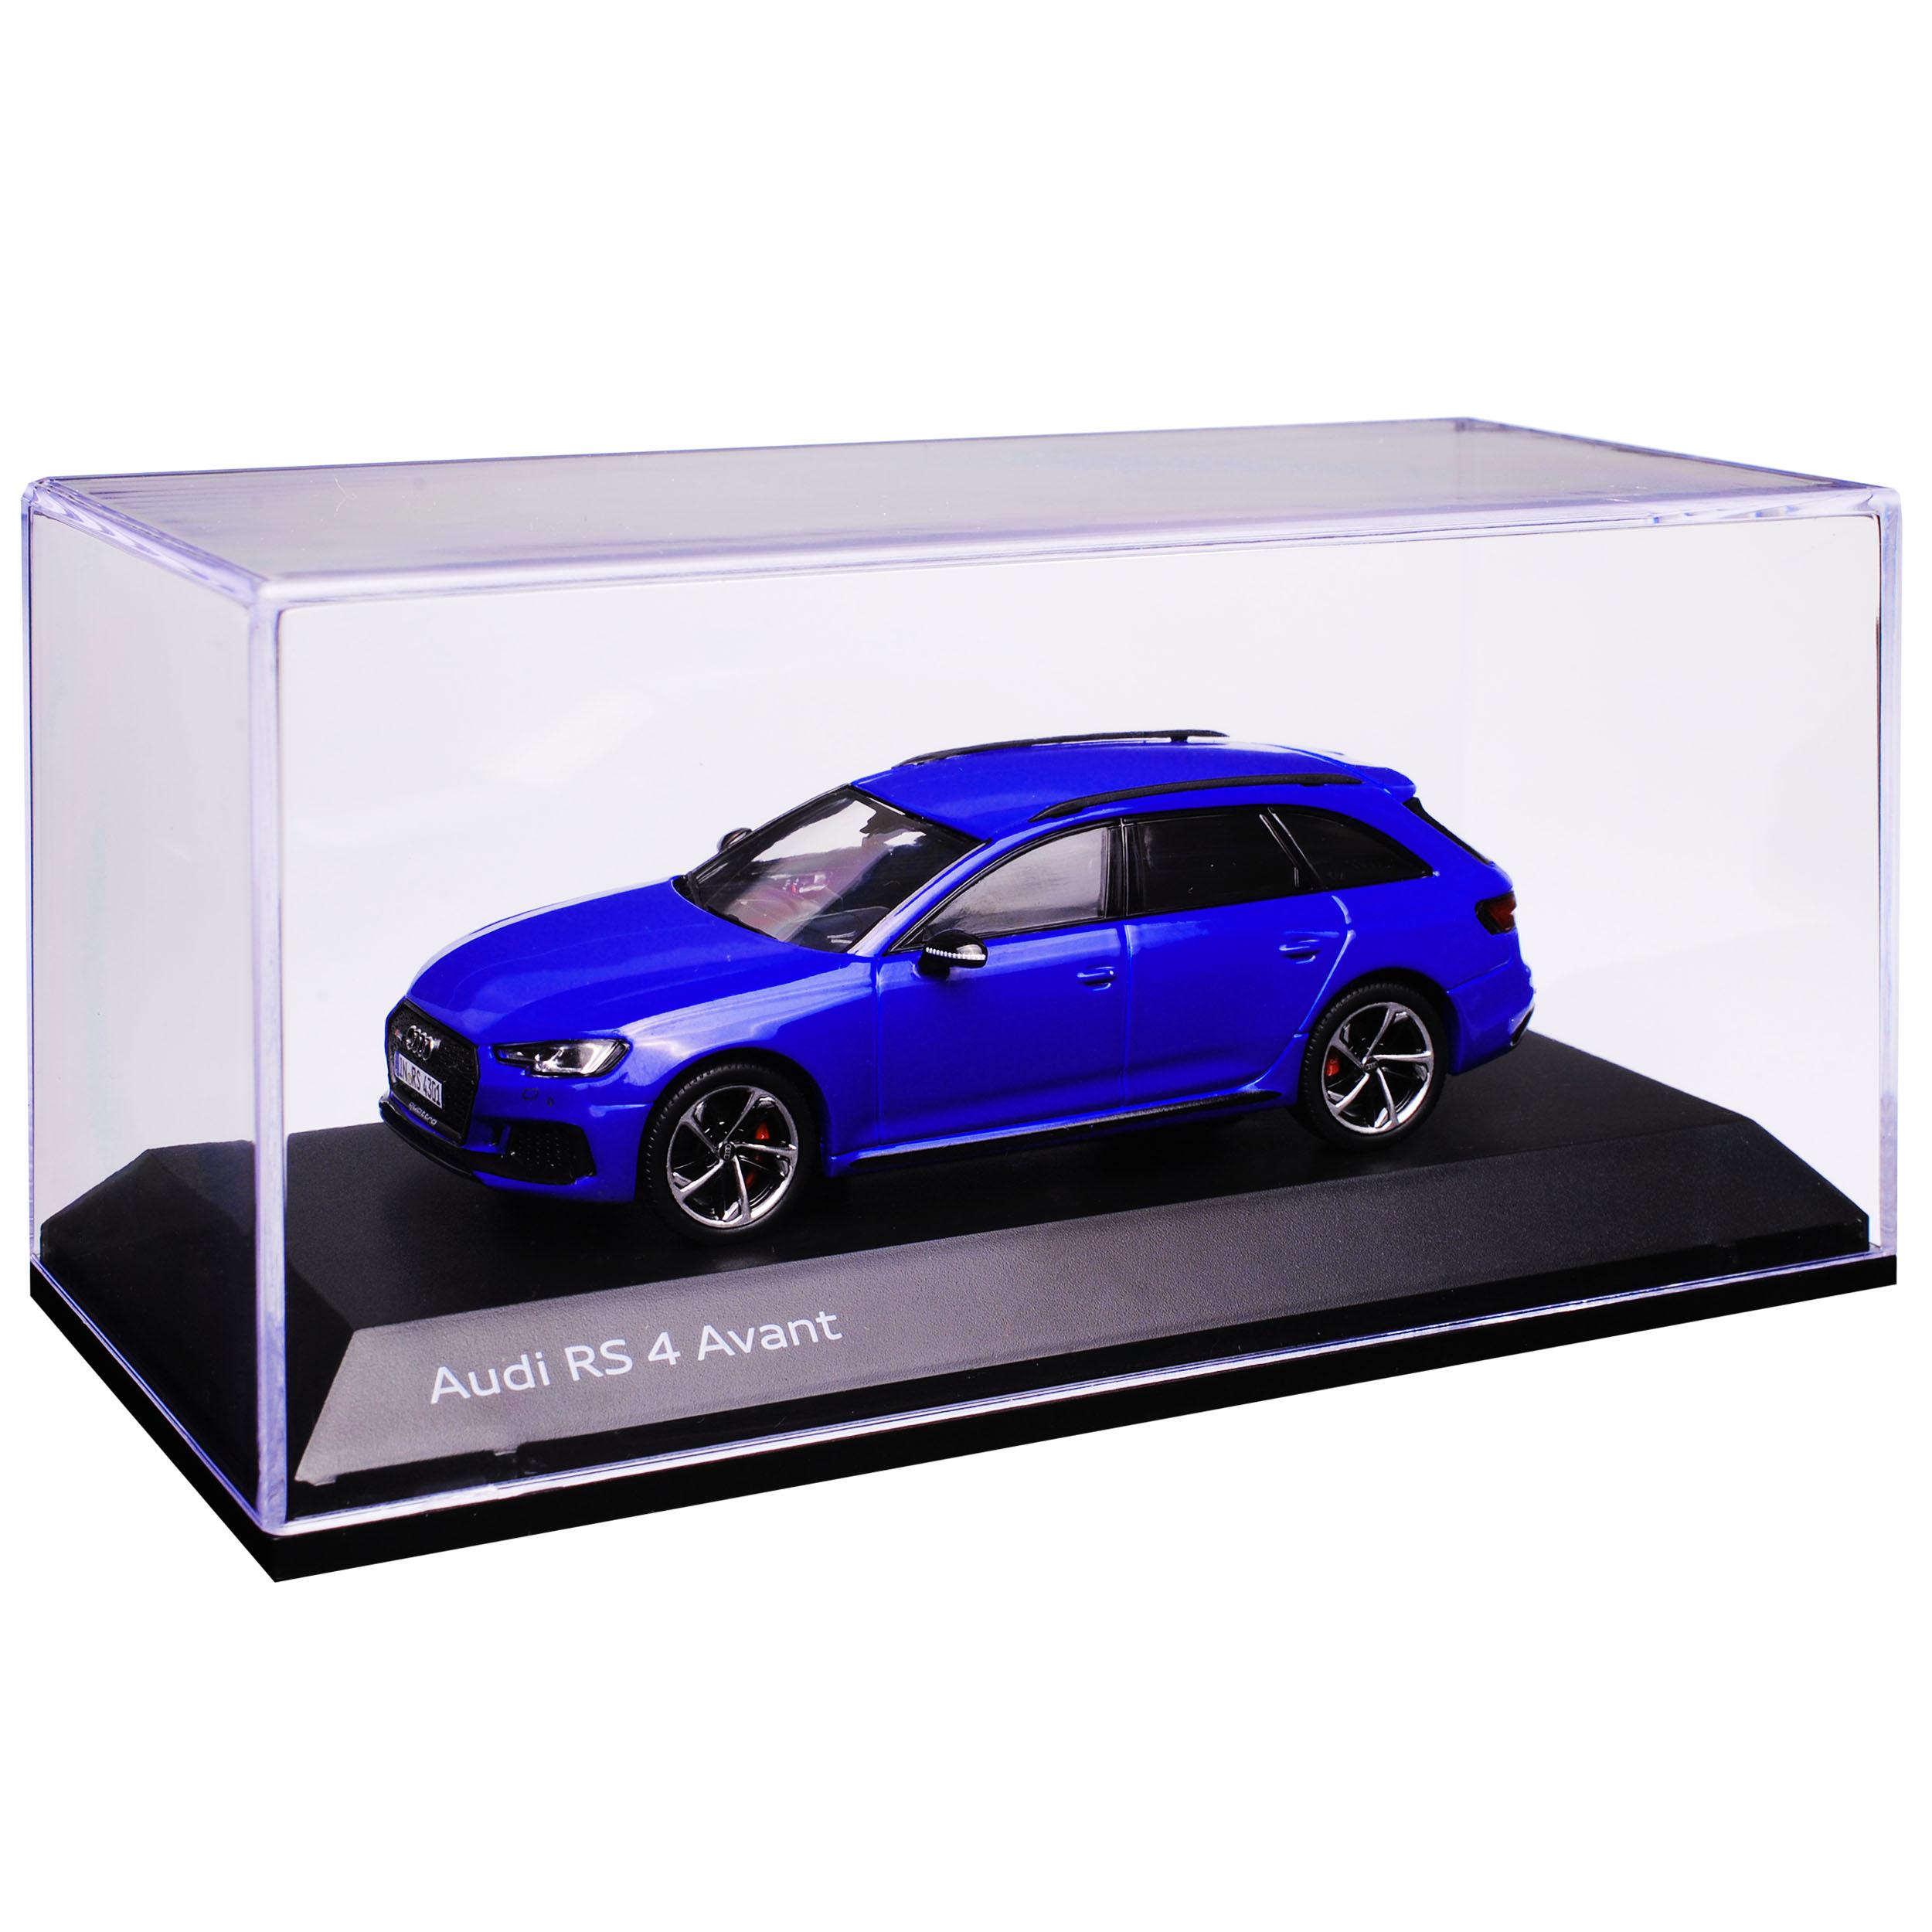 Audi a4 rs4 b9 Avant Kombi NOGARO bleu bleu bleu à partir de 2015 1 43 Spark modèle voiture avec ou... 4d87f9